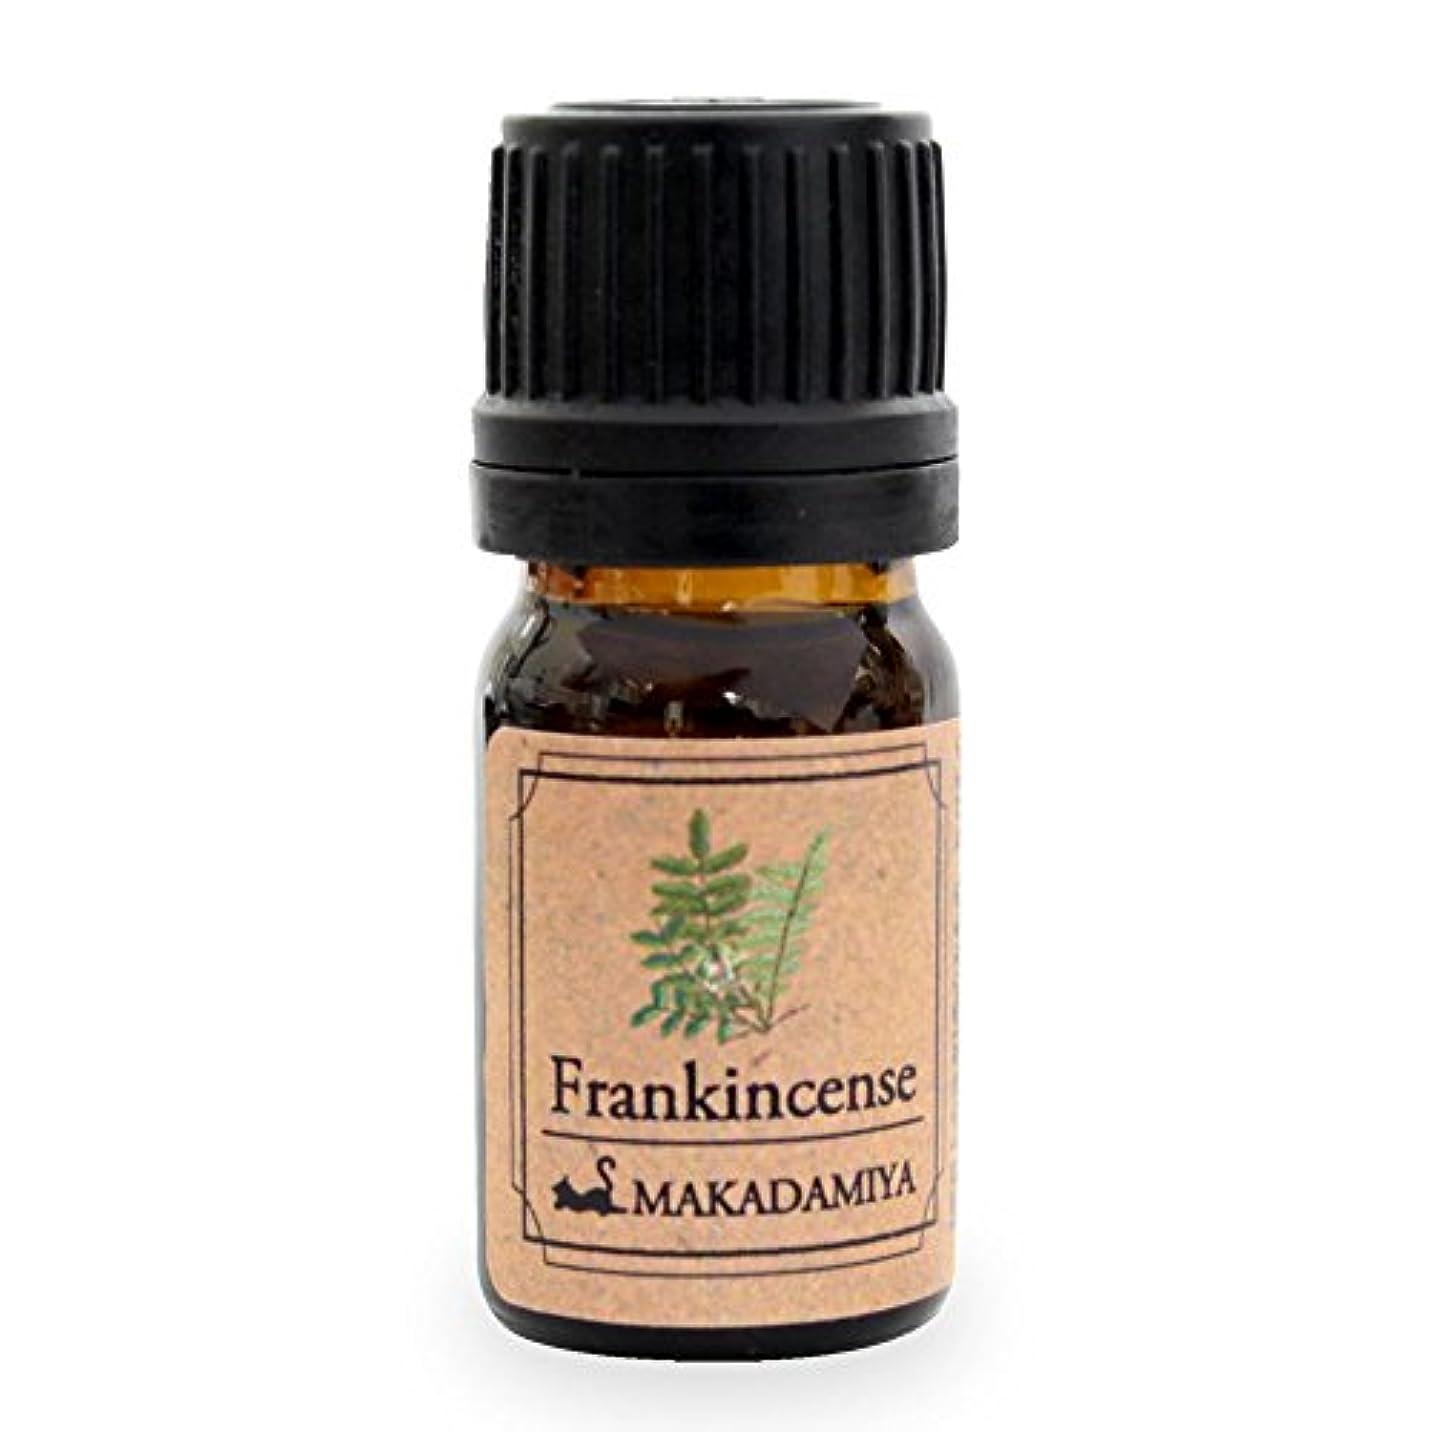 詐欺師チャペルひそかにフランキンセンス5ml 天然100%植物性 エッセンシャルオイル(精油) アロマオイル アロママッサージ aroma Frankincense